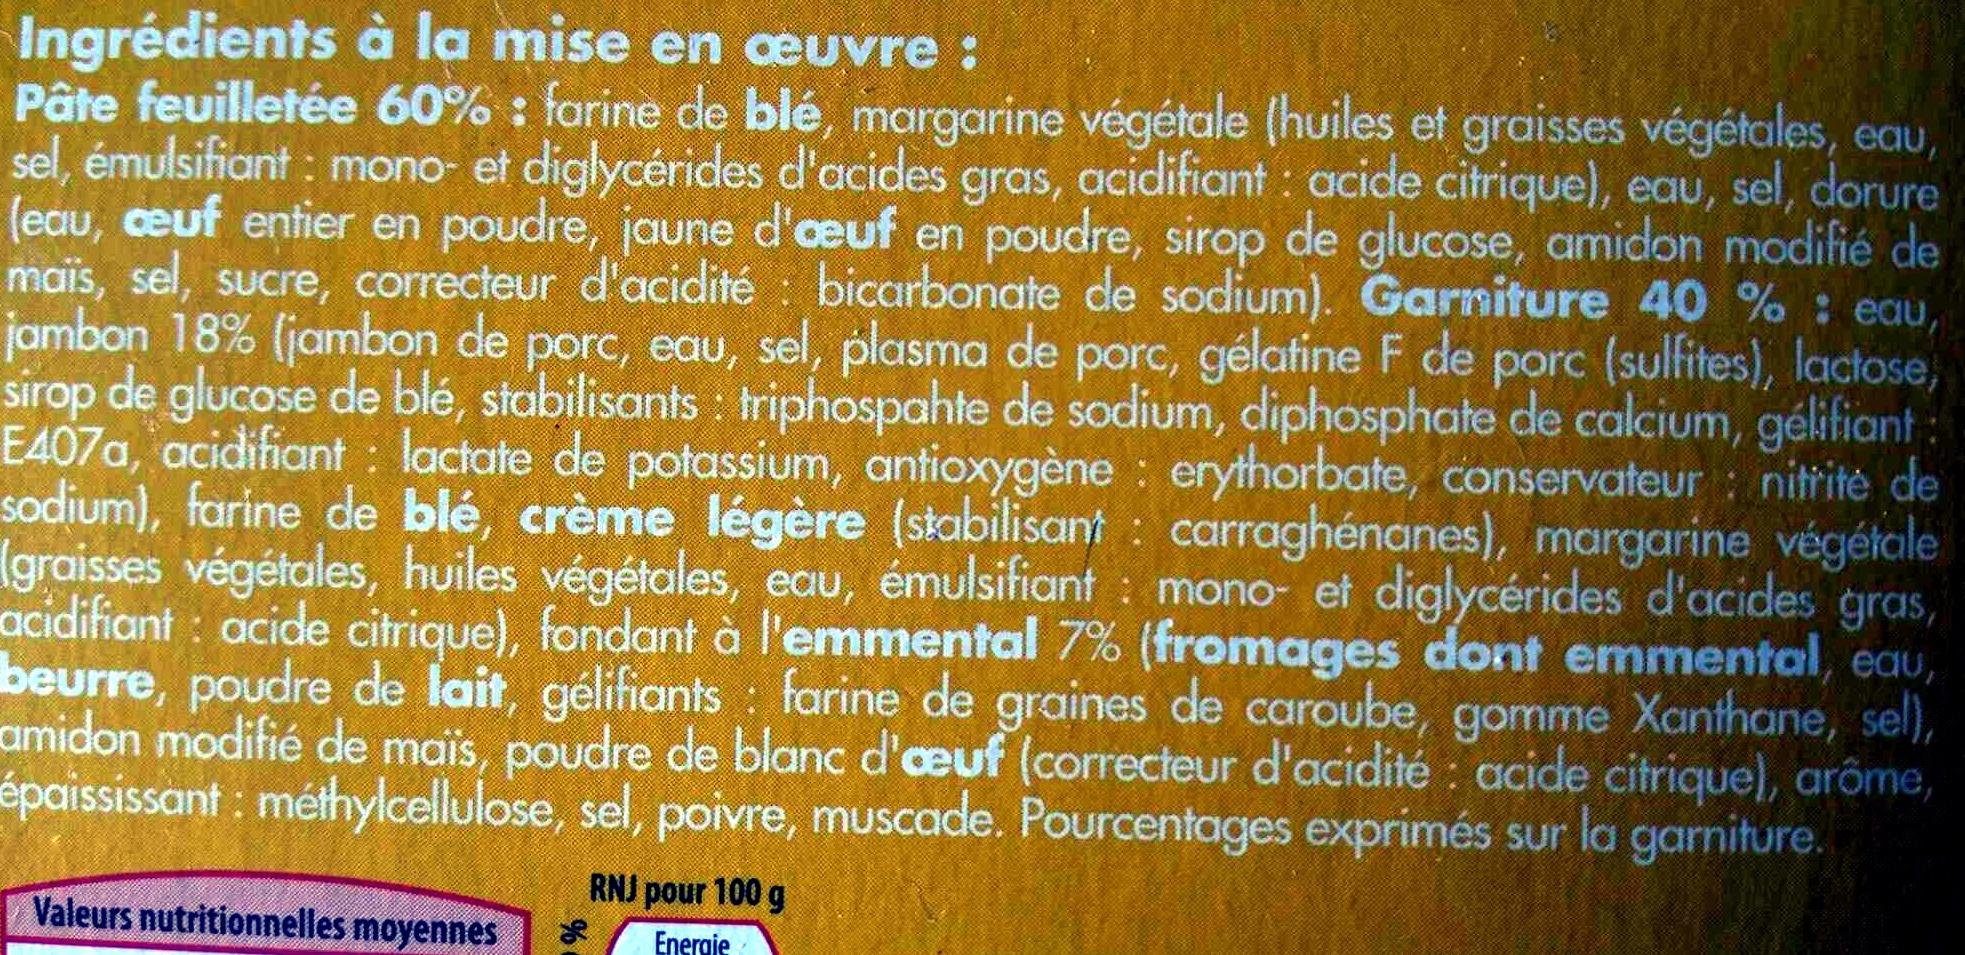 4 Feuilletés Jambon Fromage, Surgelés - Ingredients - fr